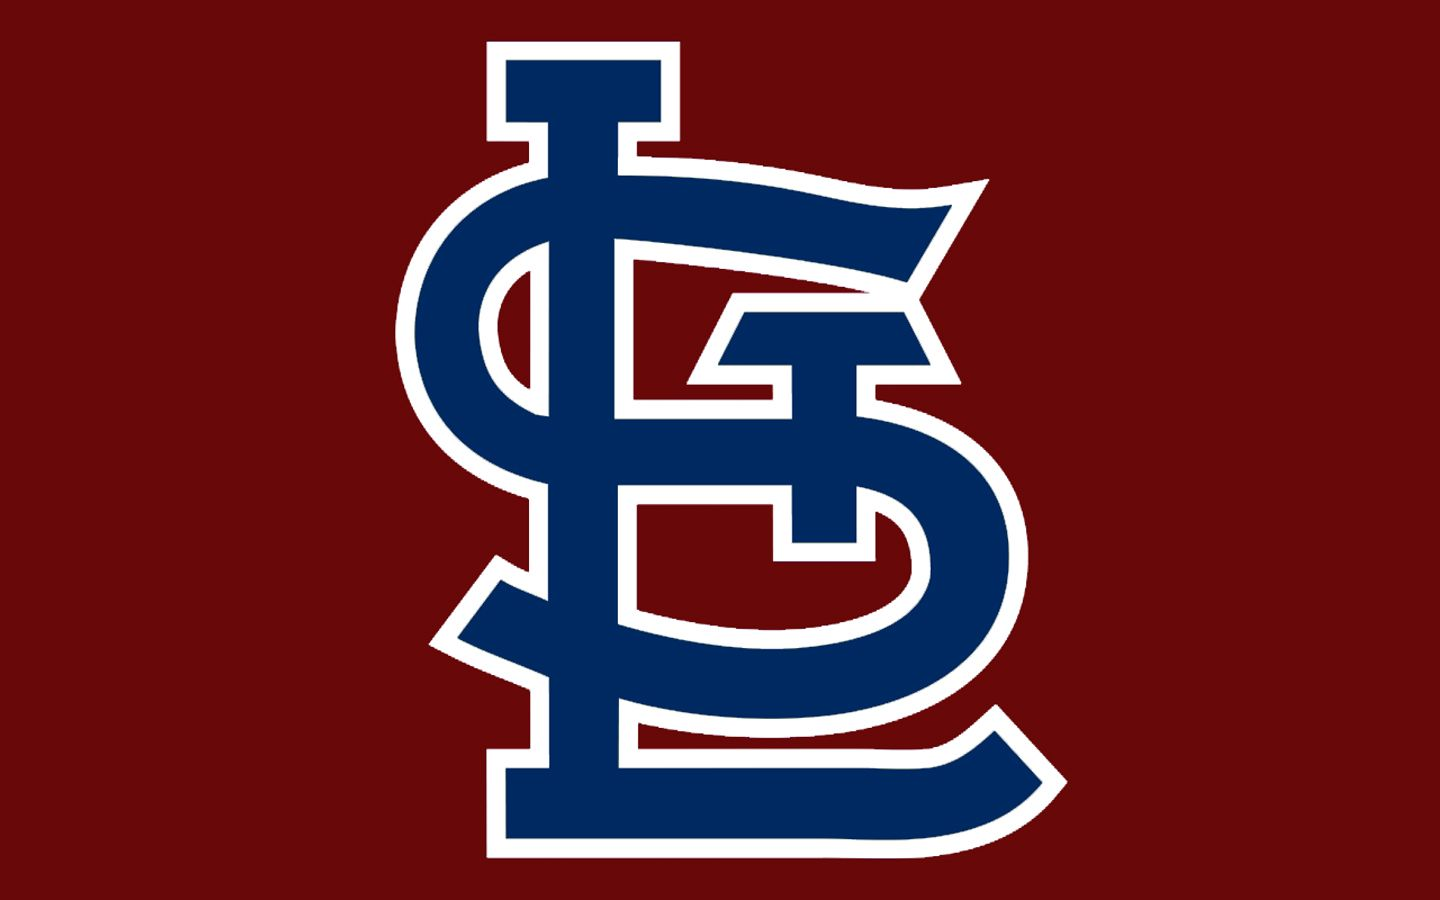 1440x900 Boston Red Sox Logo Wallpaper